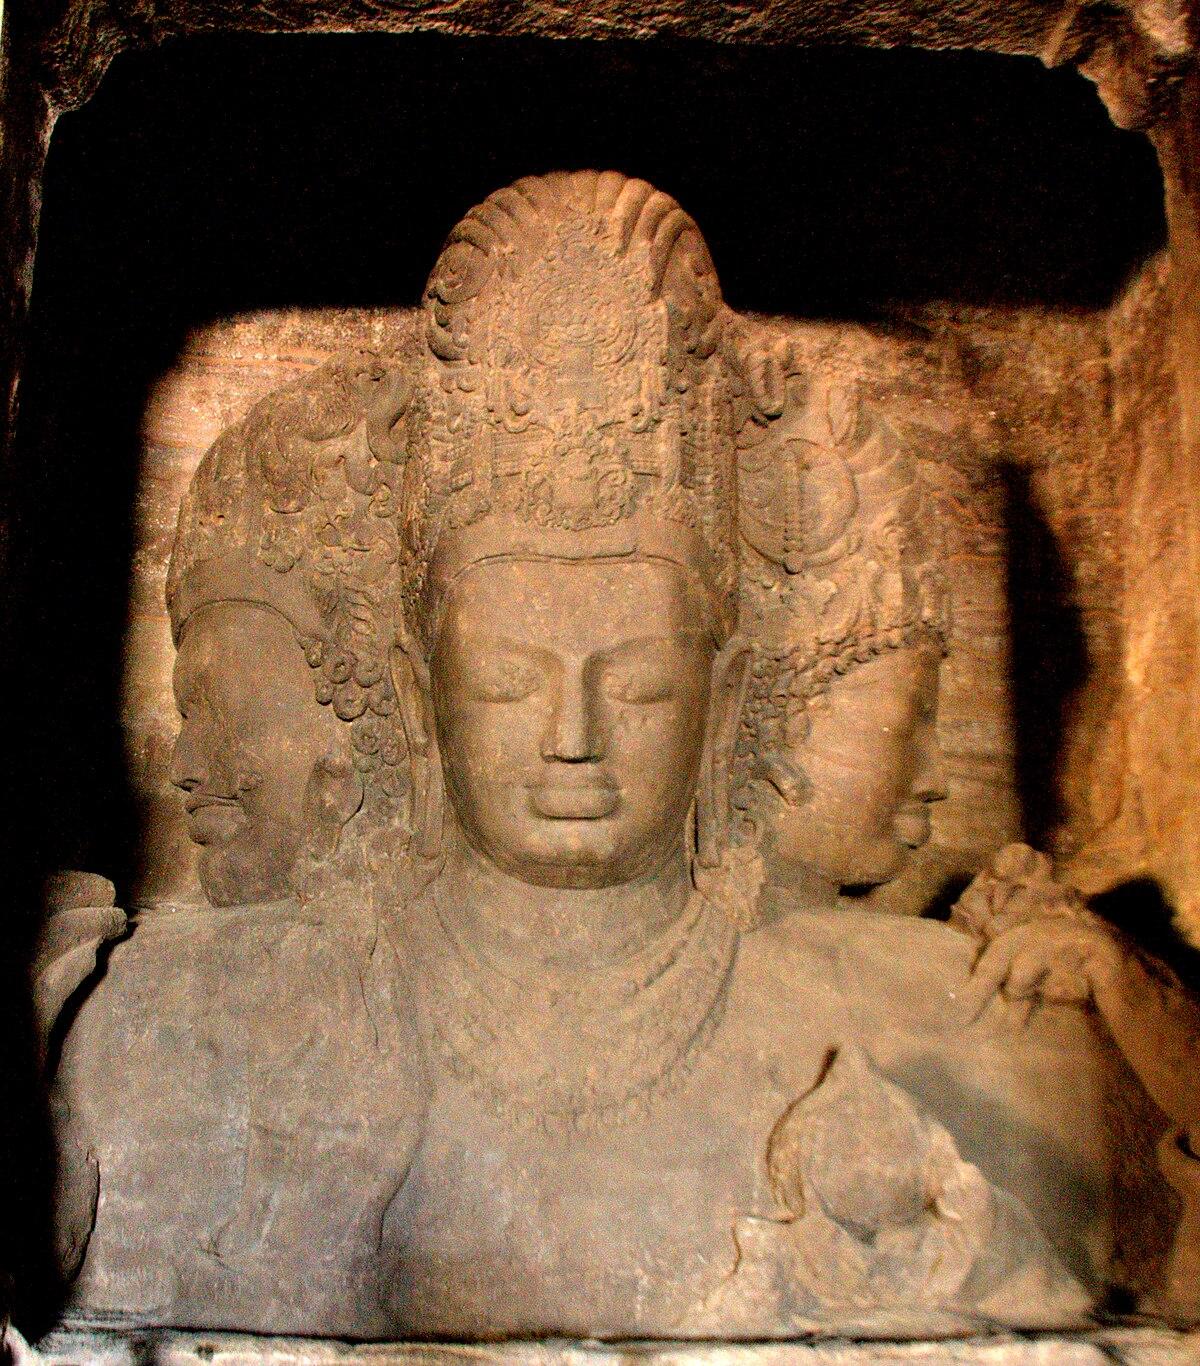 Elephanta Caves - Wikipedia